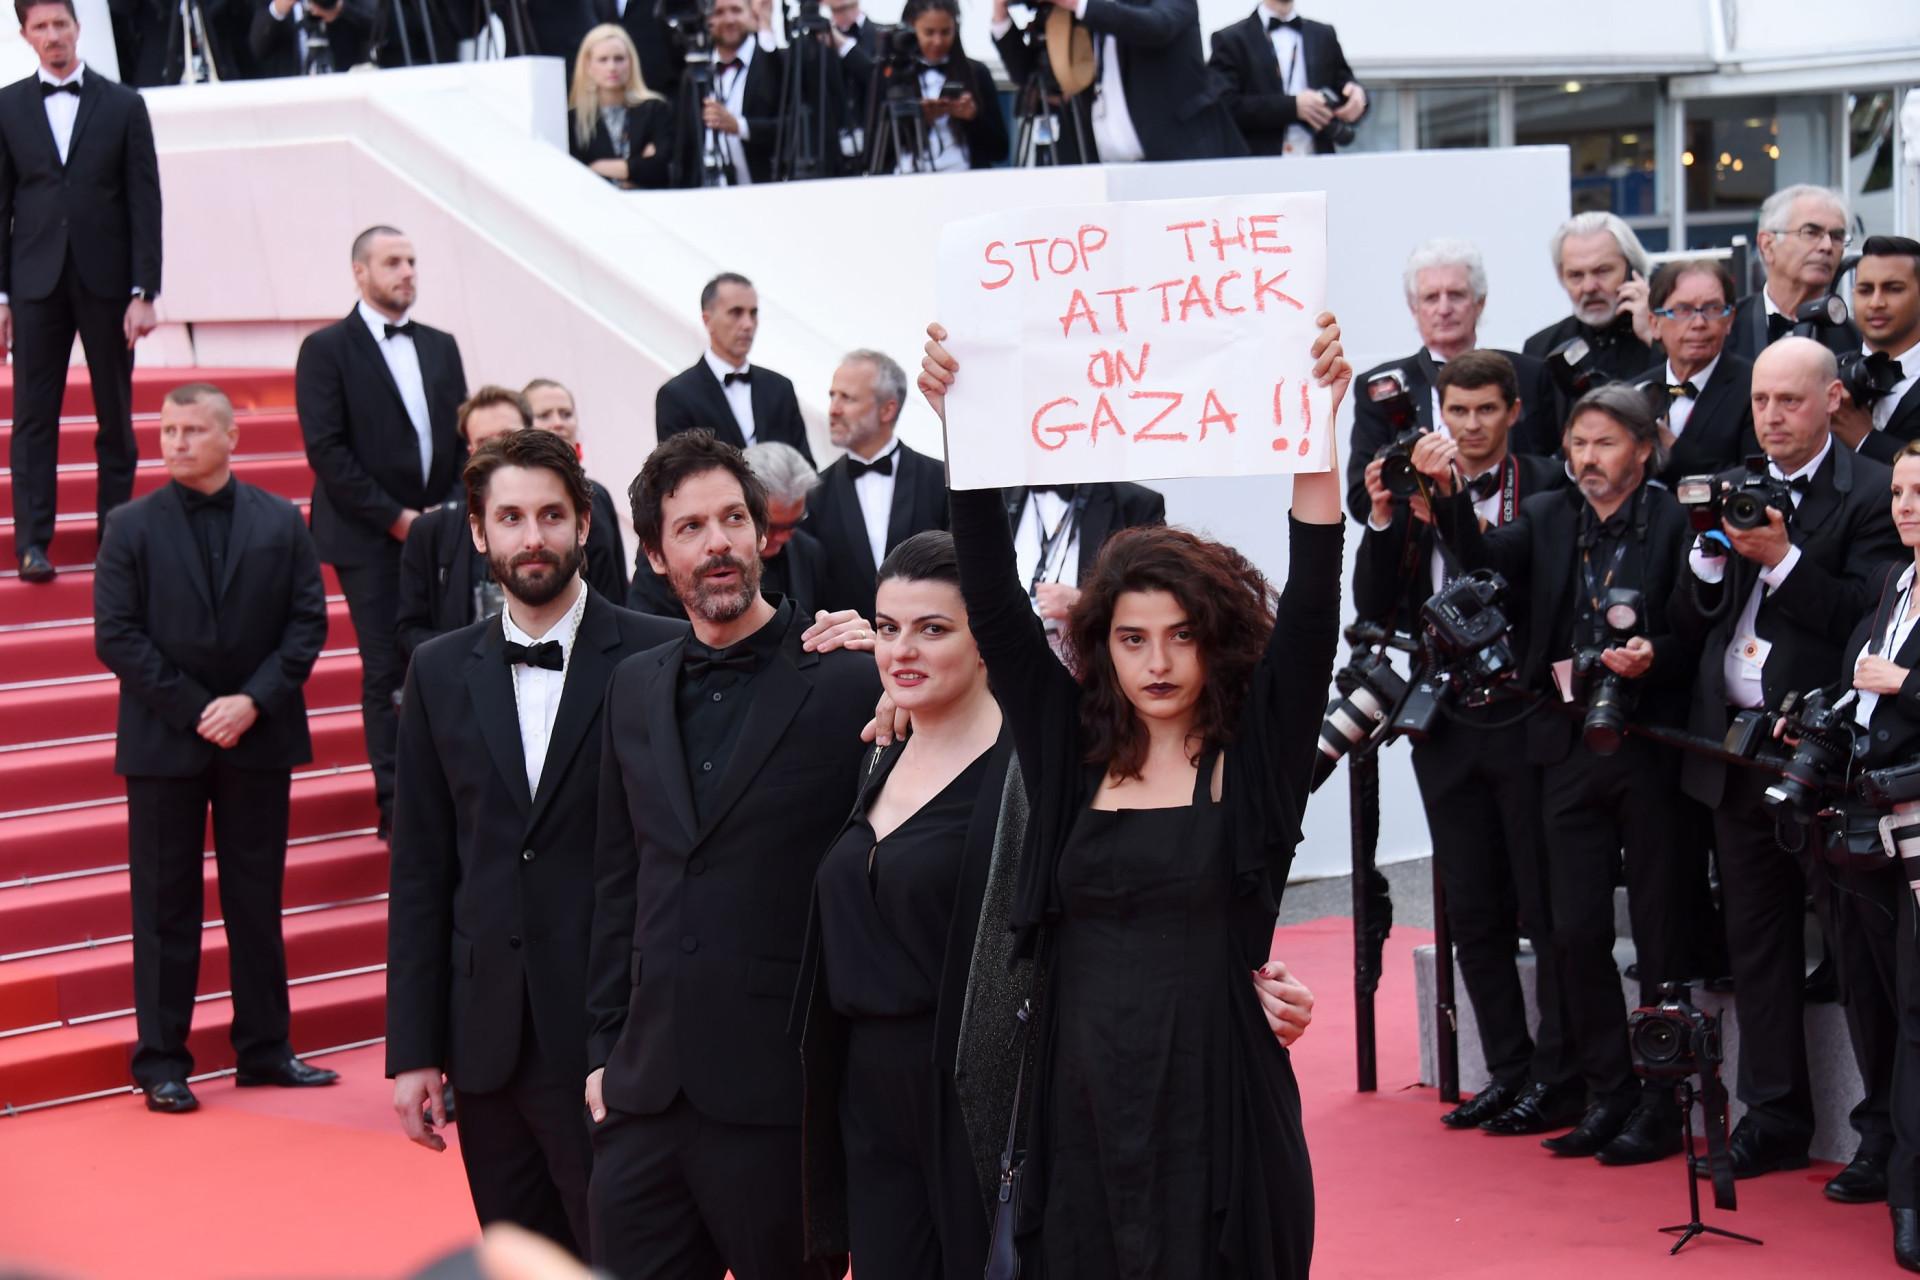 Atriz surge na red carpet de Cannes com cartaz sobre ataques em Gaza